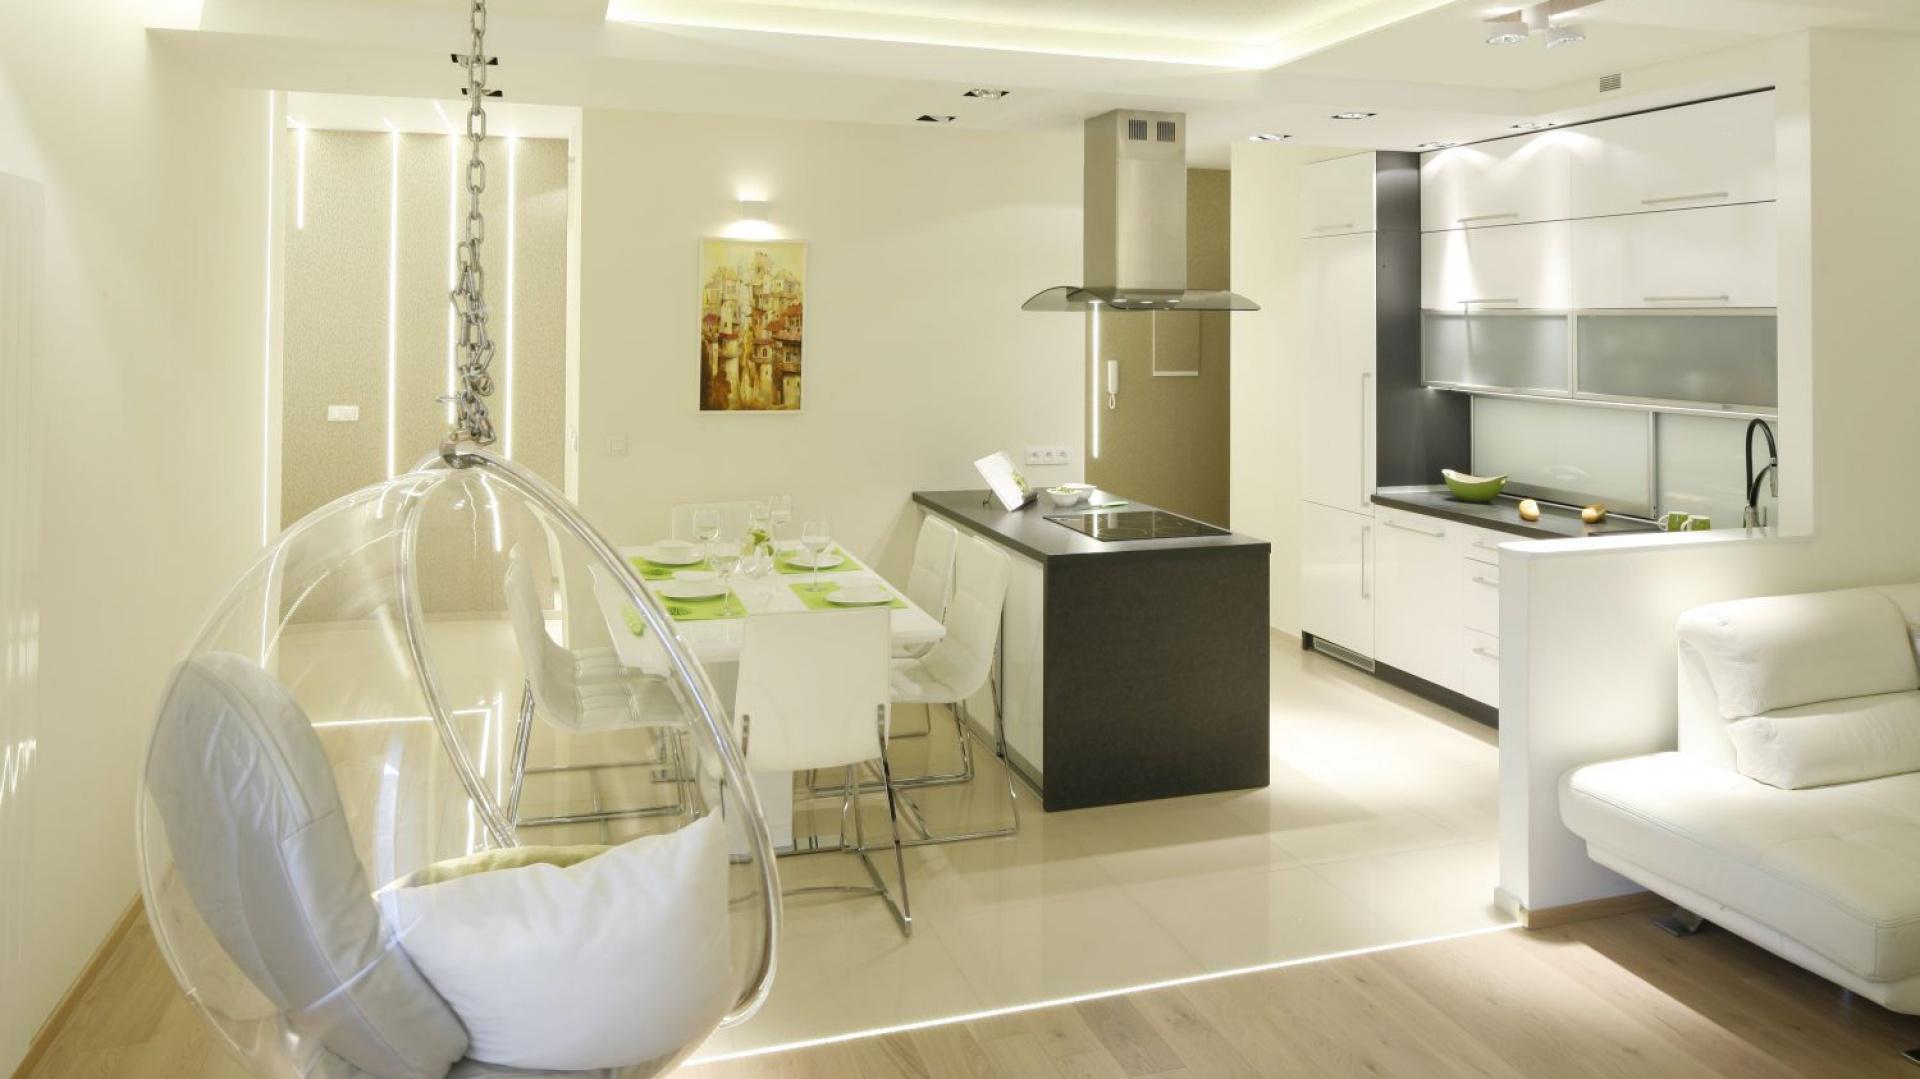 Kuchnia Otwarta Na Salon Zobacz Piękne Aranżacje